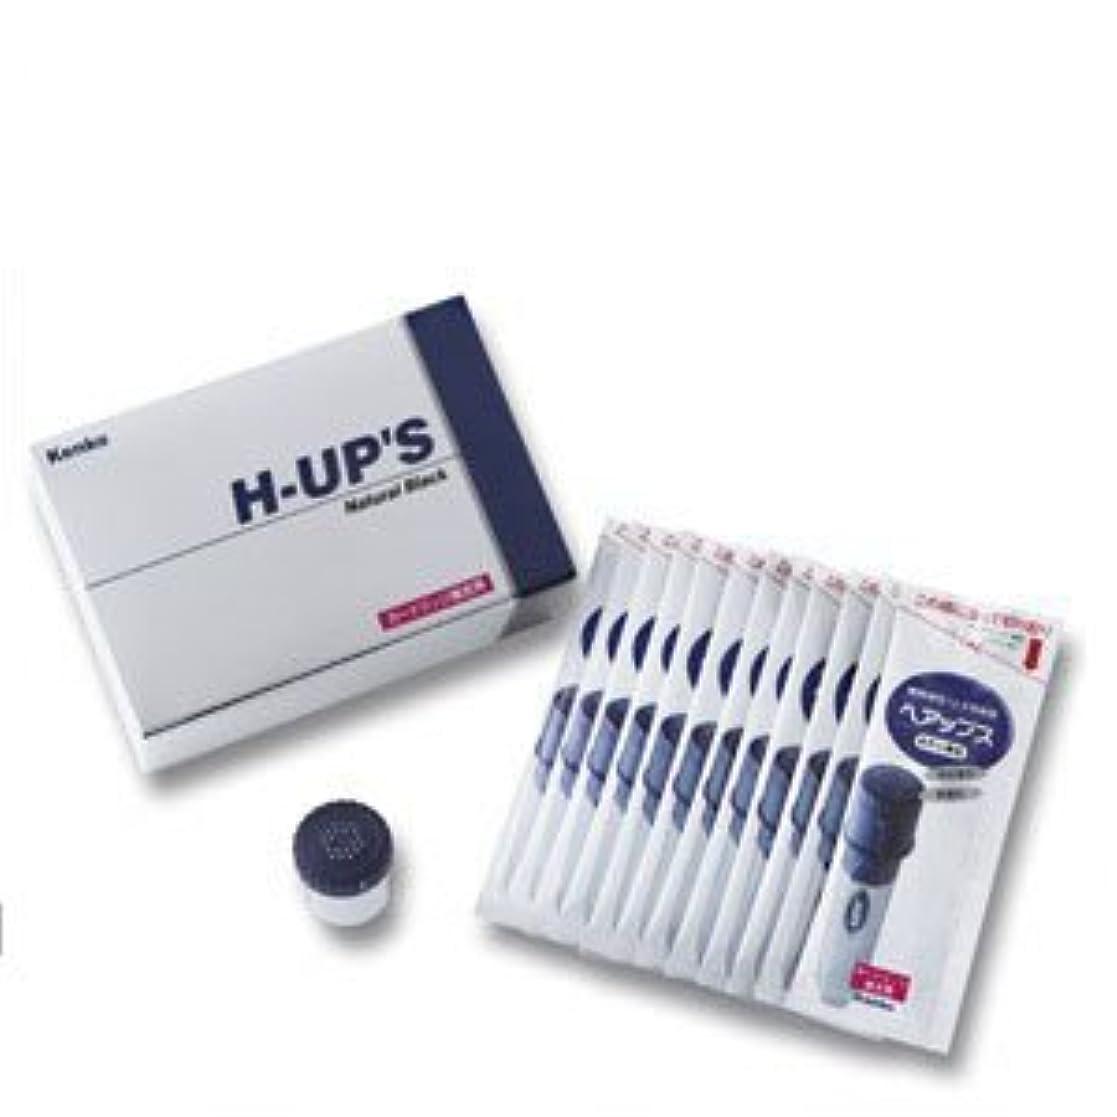 チャールズキージング有名個性H-UP S ヘアップス 補充用カートリッジ 頭皮薄毛カバー粉末 ブラウン